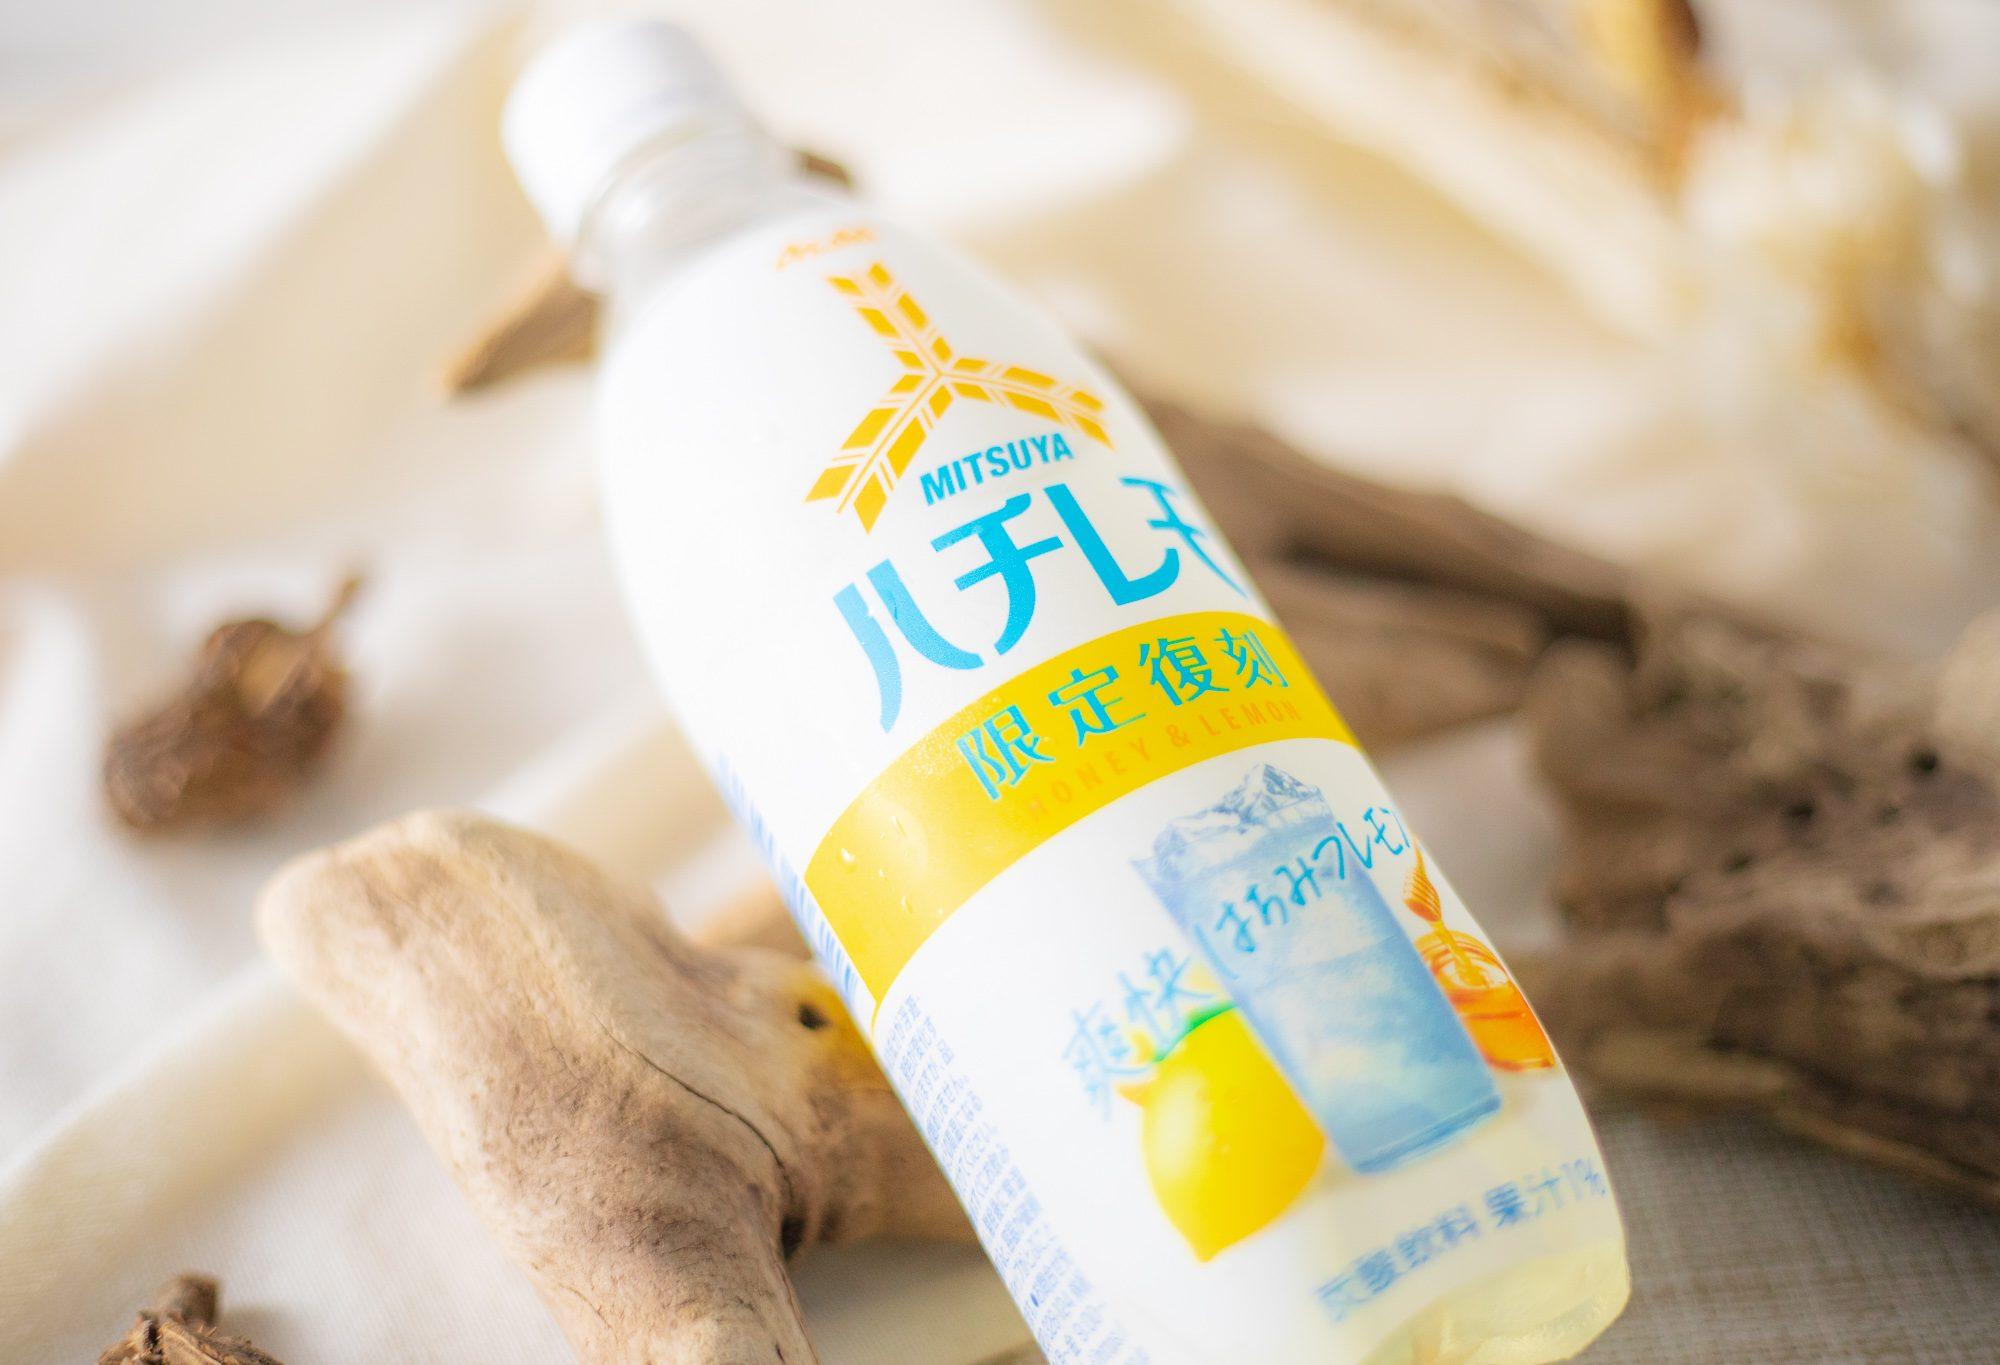 アサヒ飲料『「三ツ矢」ハチレモ PET500ml』ははちみつレモンのほろ苦さと強炭酸が心地よい限定復刻炭酸飲料!